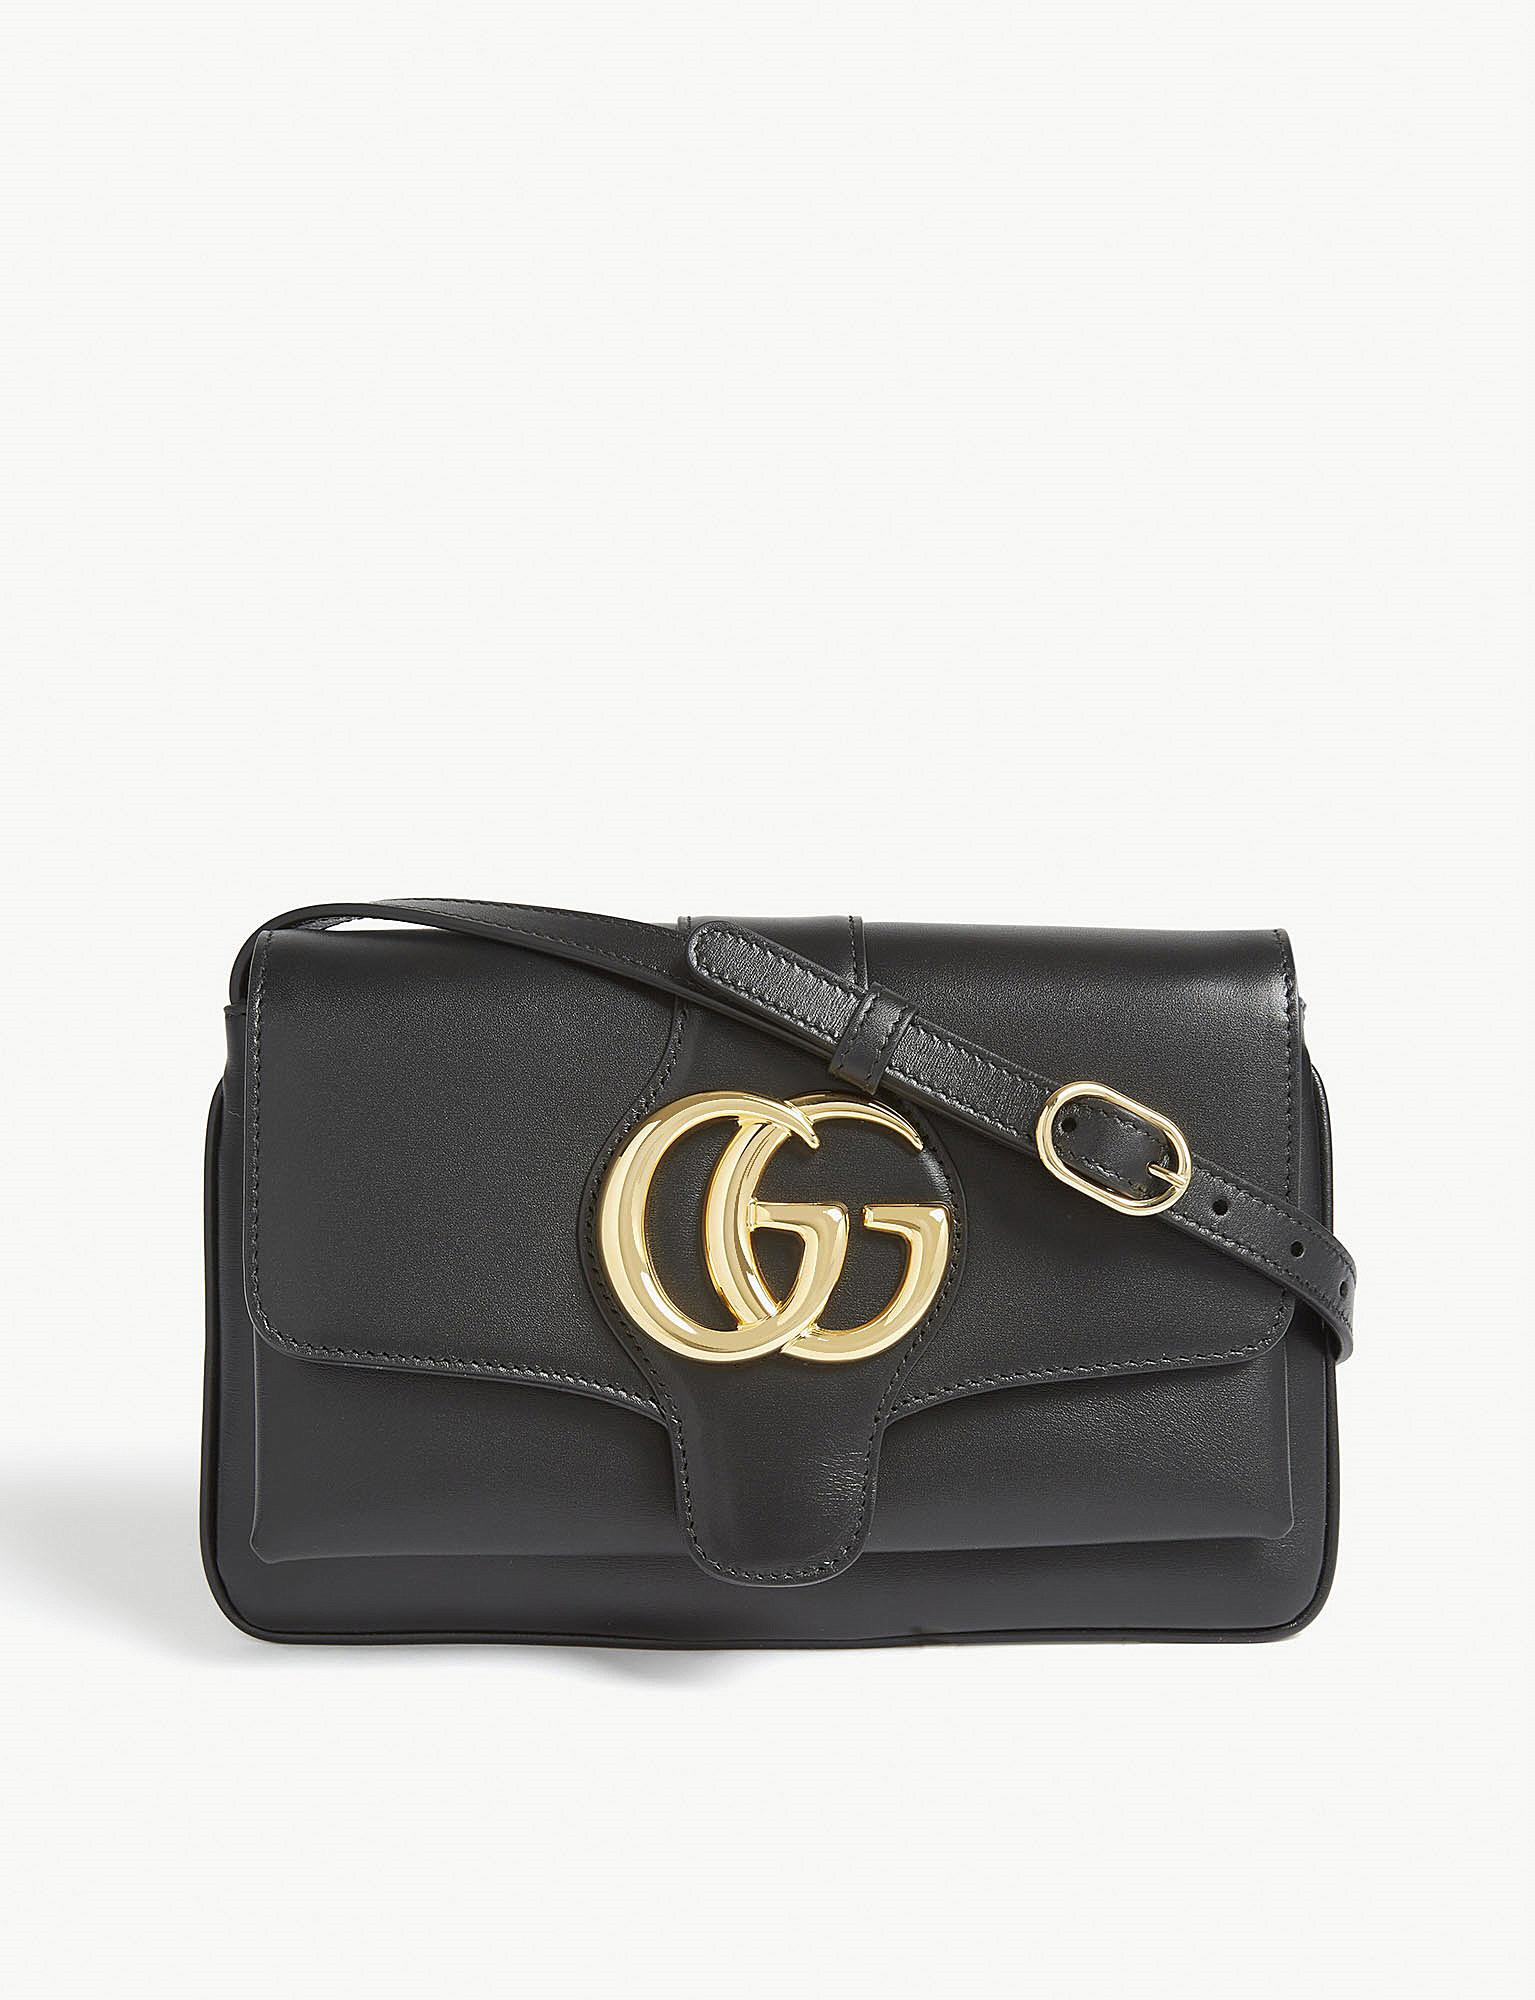 0c96d1ed38 Gucci Leather Shoulder Bag in Black - Lyst